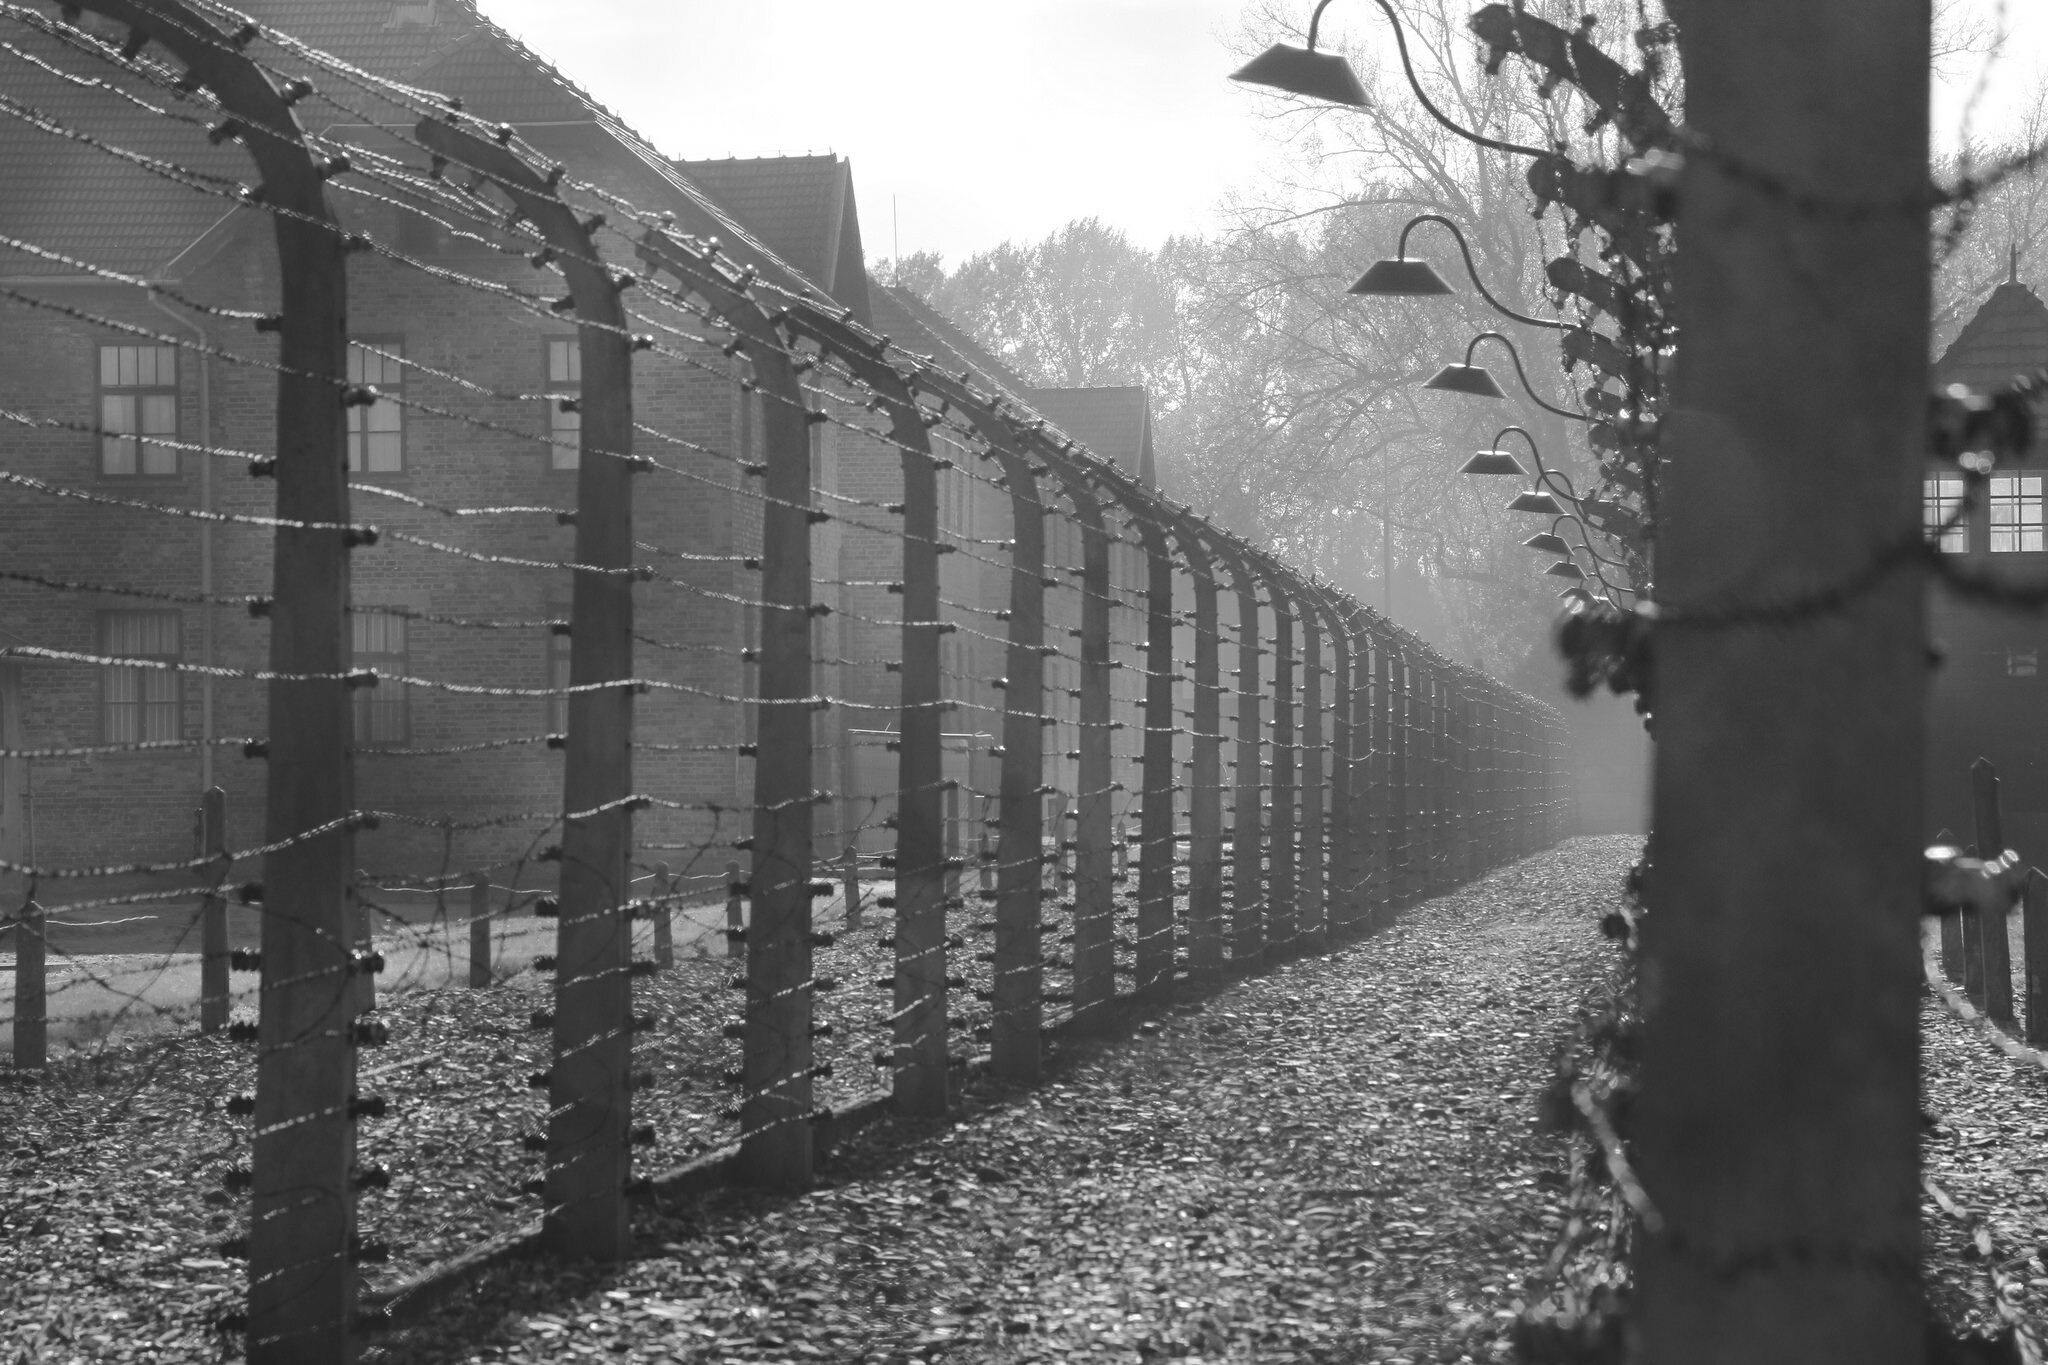 KL Auschwitz-Birkenau